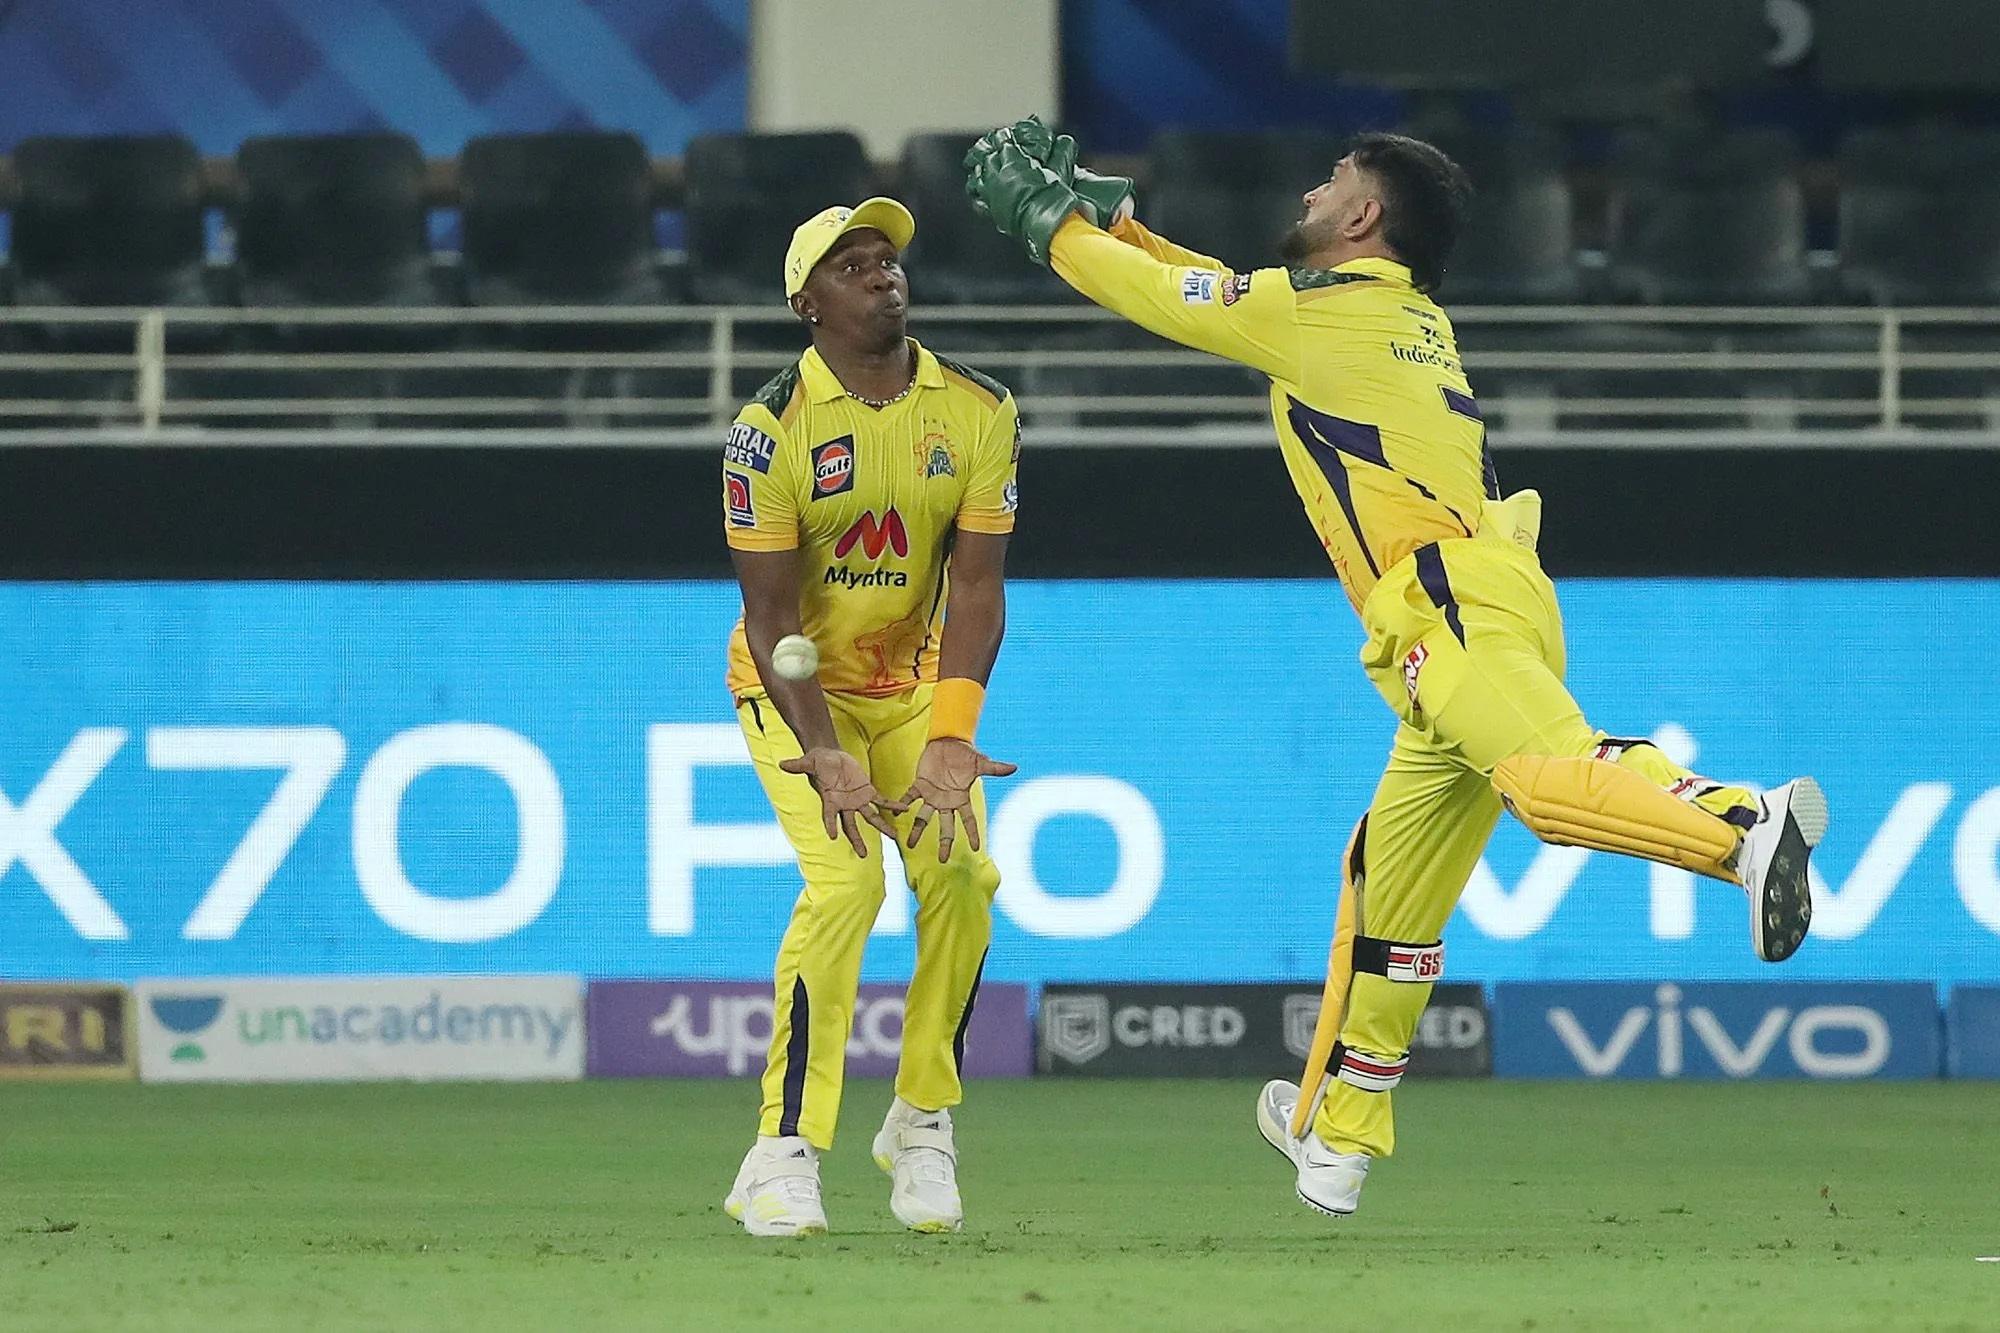 चेन्नई और जीत के बीच 45 रन बनाकर खेल रहे सौरभ तिवारी थे। उनका कैच उठा, लेकिन धोनी और ब्रावो के बीच कन्फ्यूजन के चलते कैच छूट गया। गलती किसी की भी नहीं थी, पर कैप्टन कूल माही यहां थोड़े नाराज नजर आए।